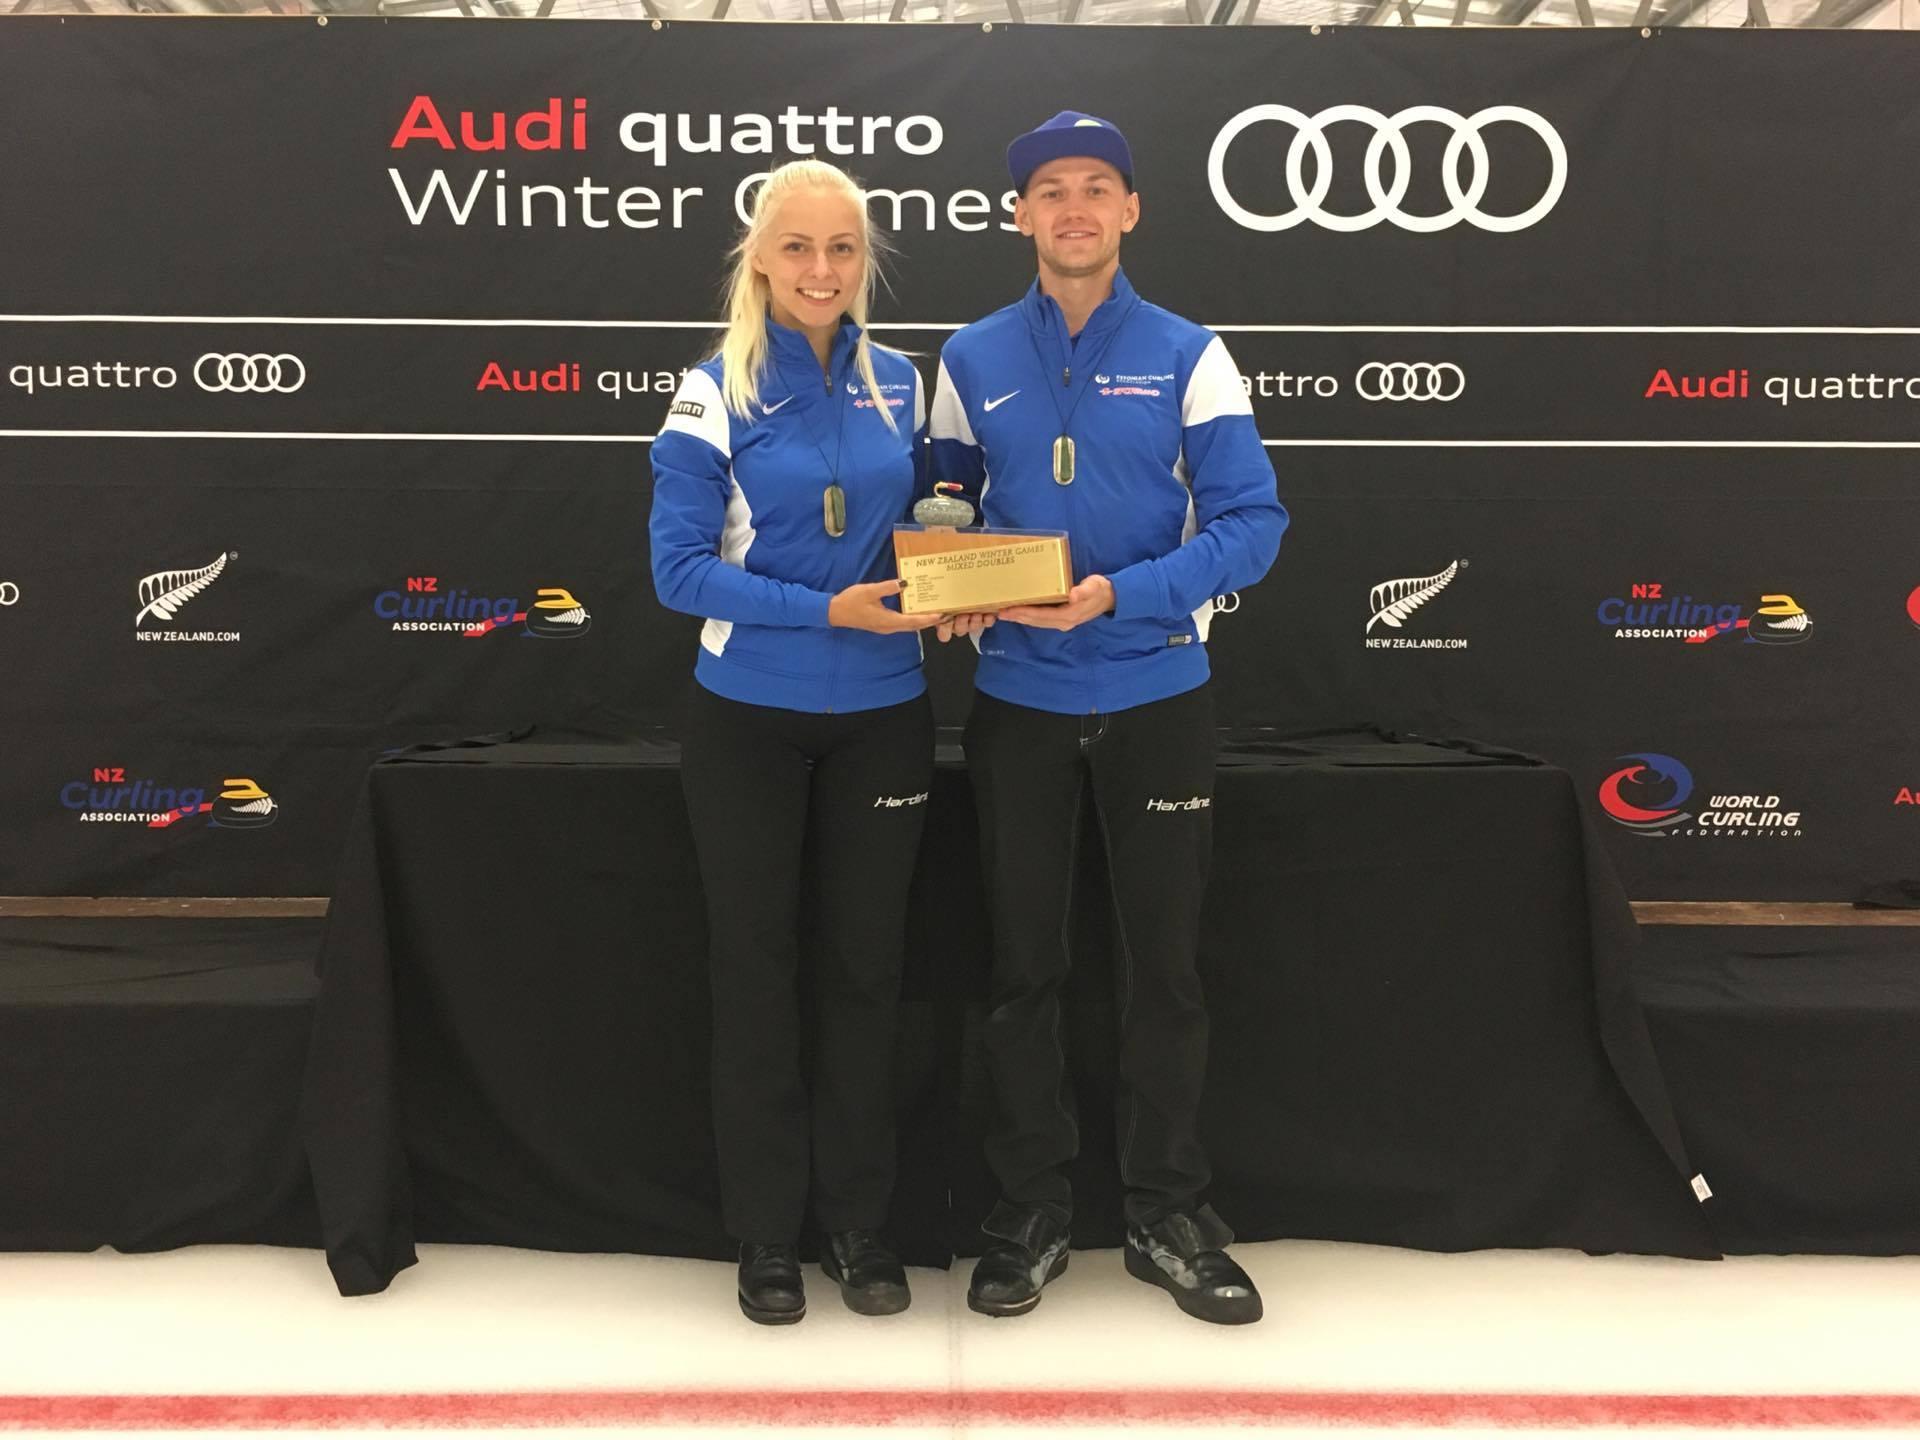 Eesti curlinguvõistkond võitis talimängud Uus-Meremaal